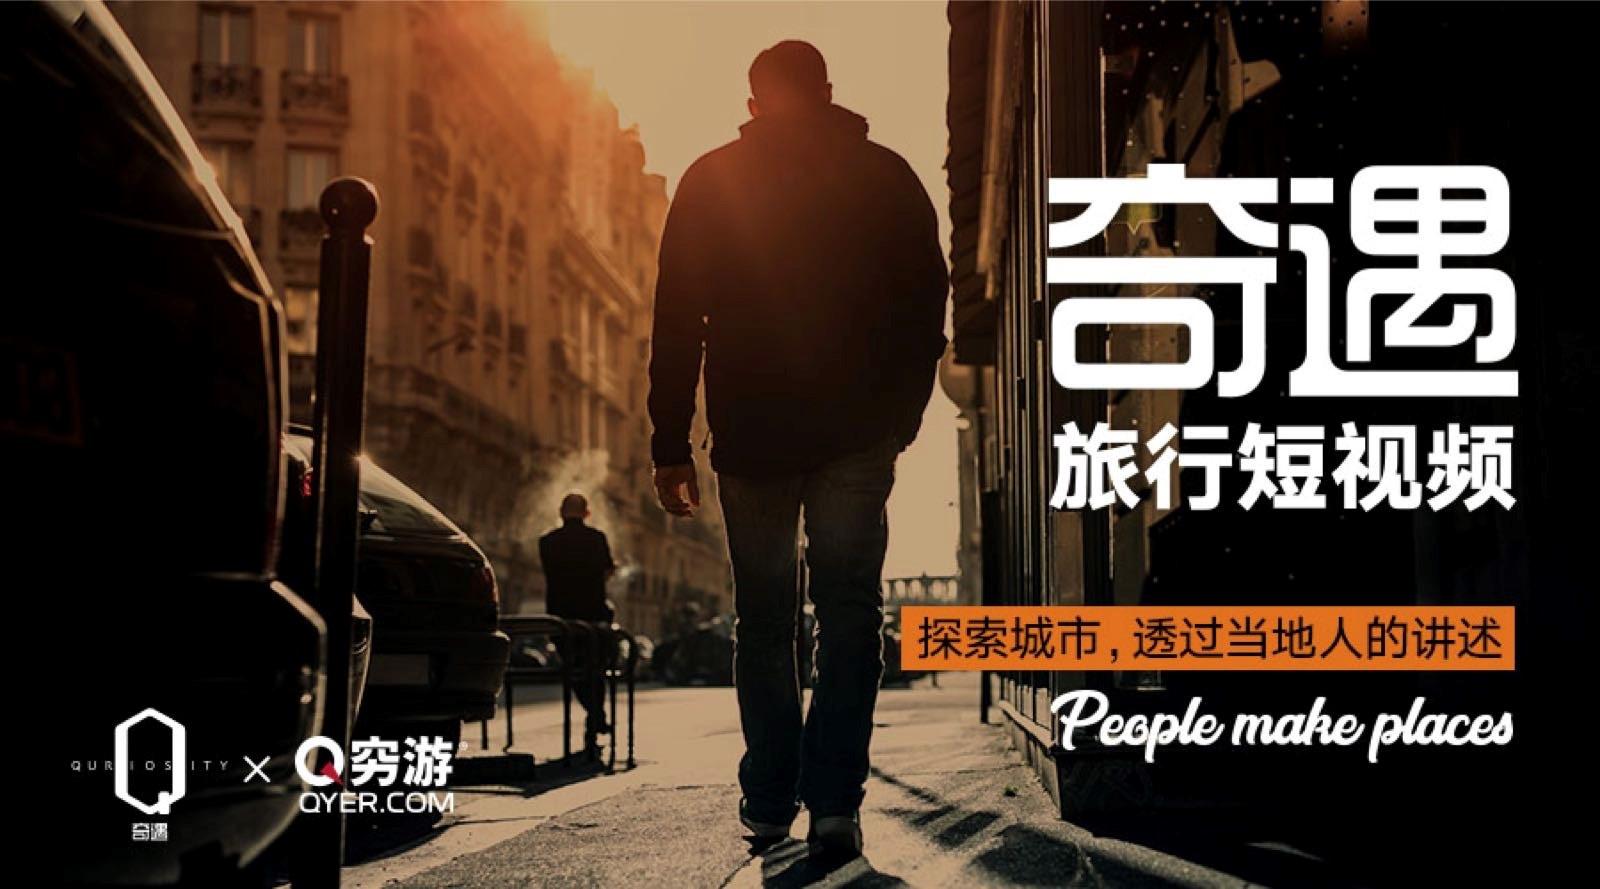 """穷游网:联合导演赵琦 发布系列旅行视频""""奇遇"""""""